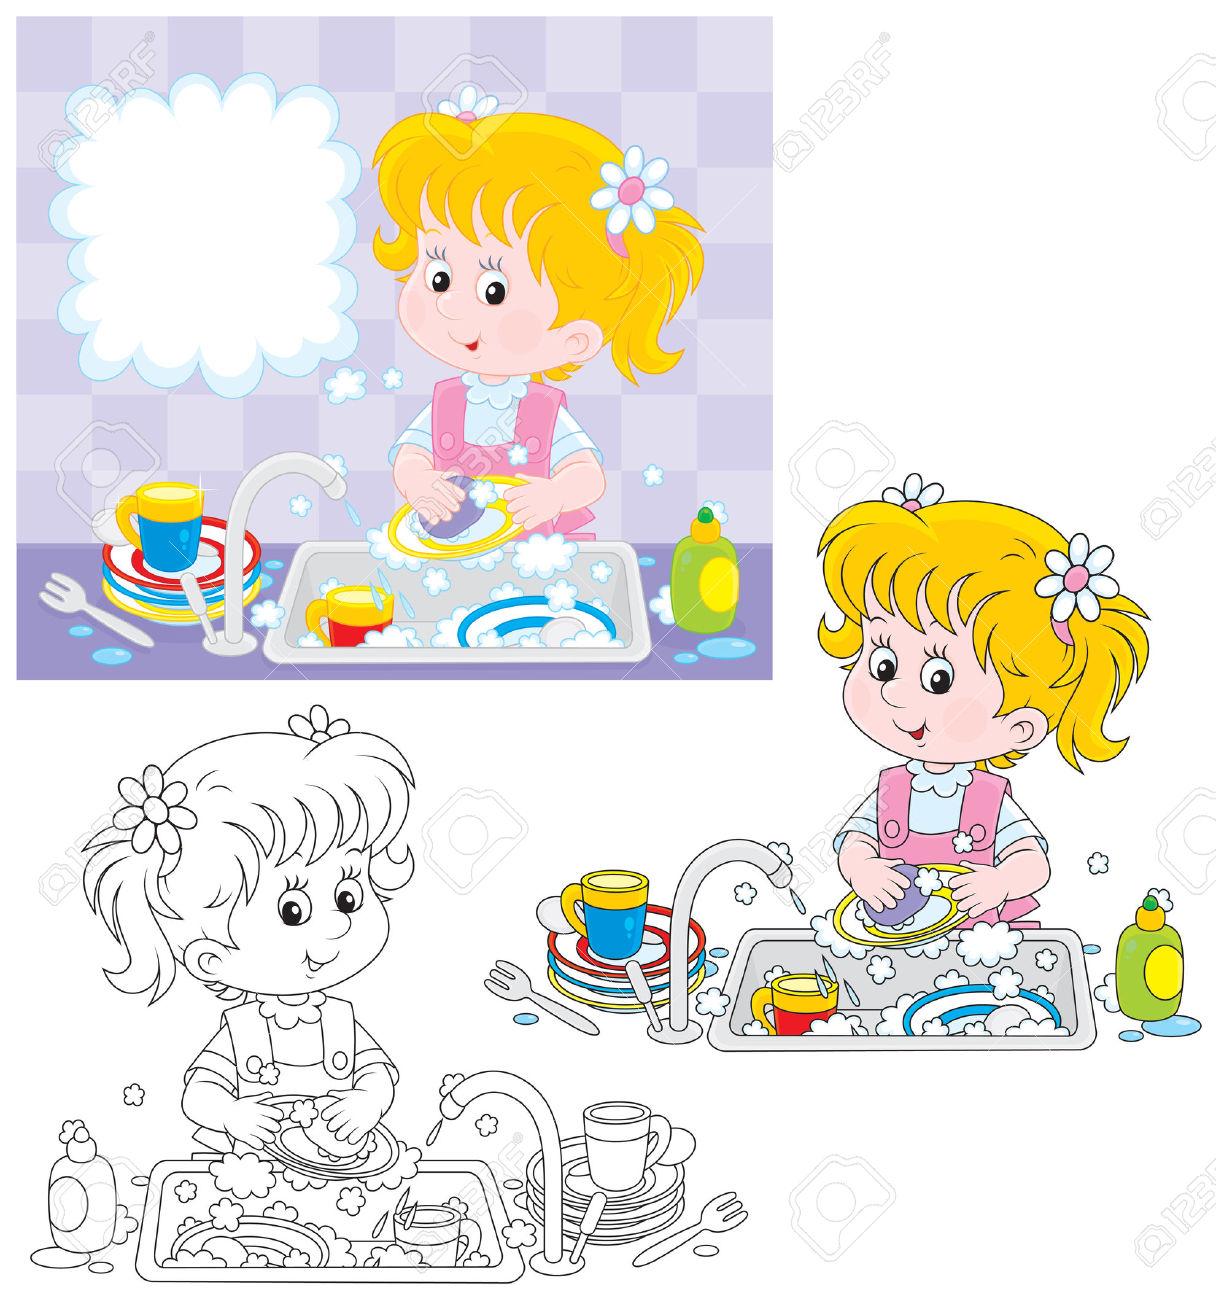 Washing Dishes Stock Photos Images. Royalty Free Washing Dishes.